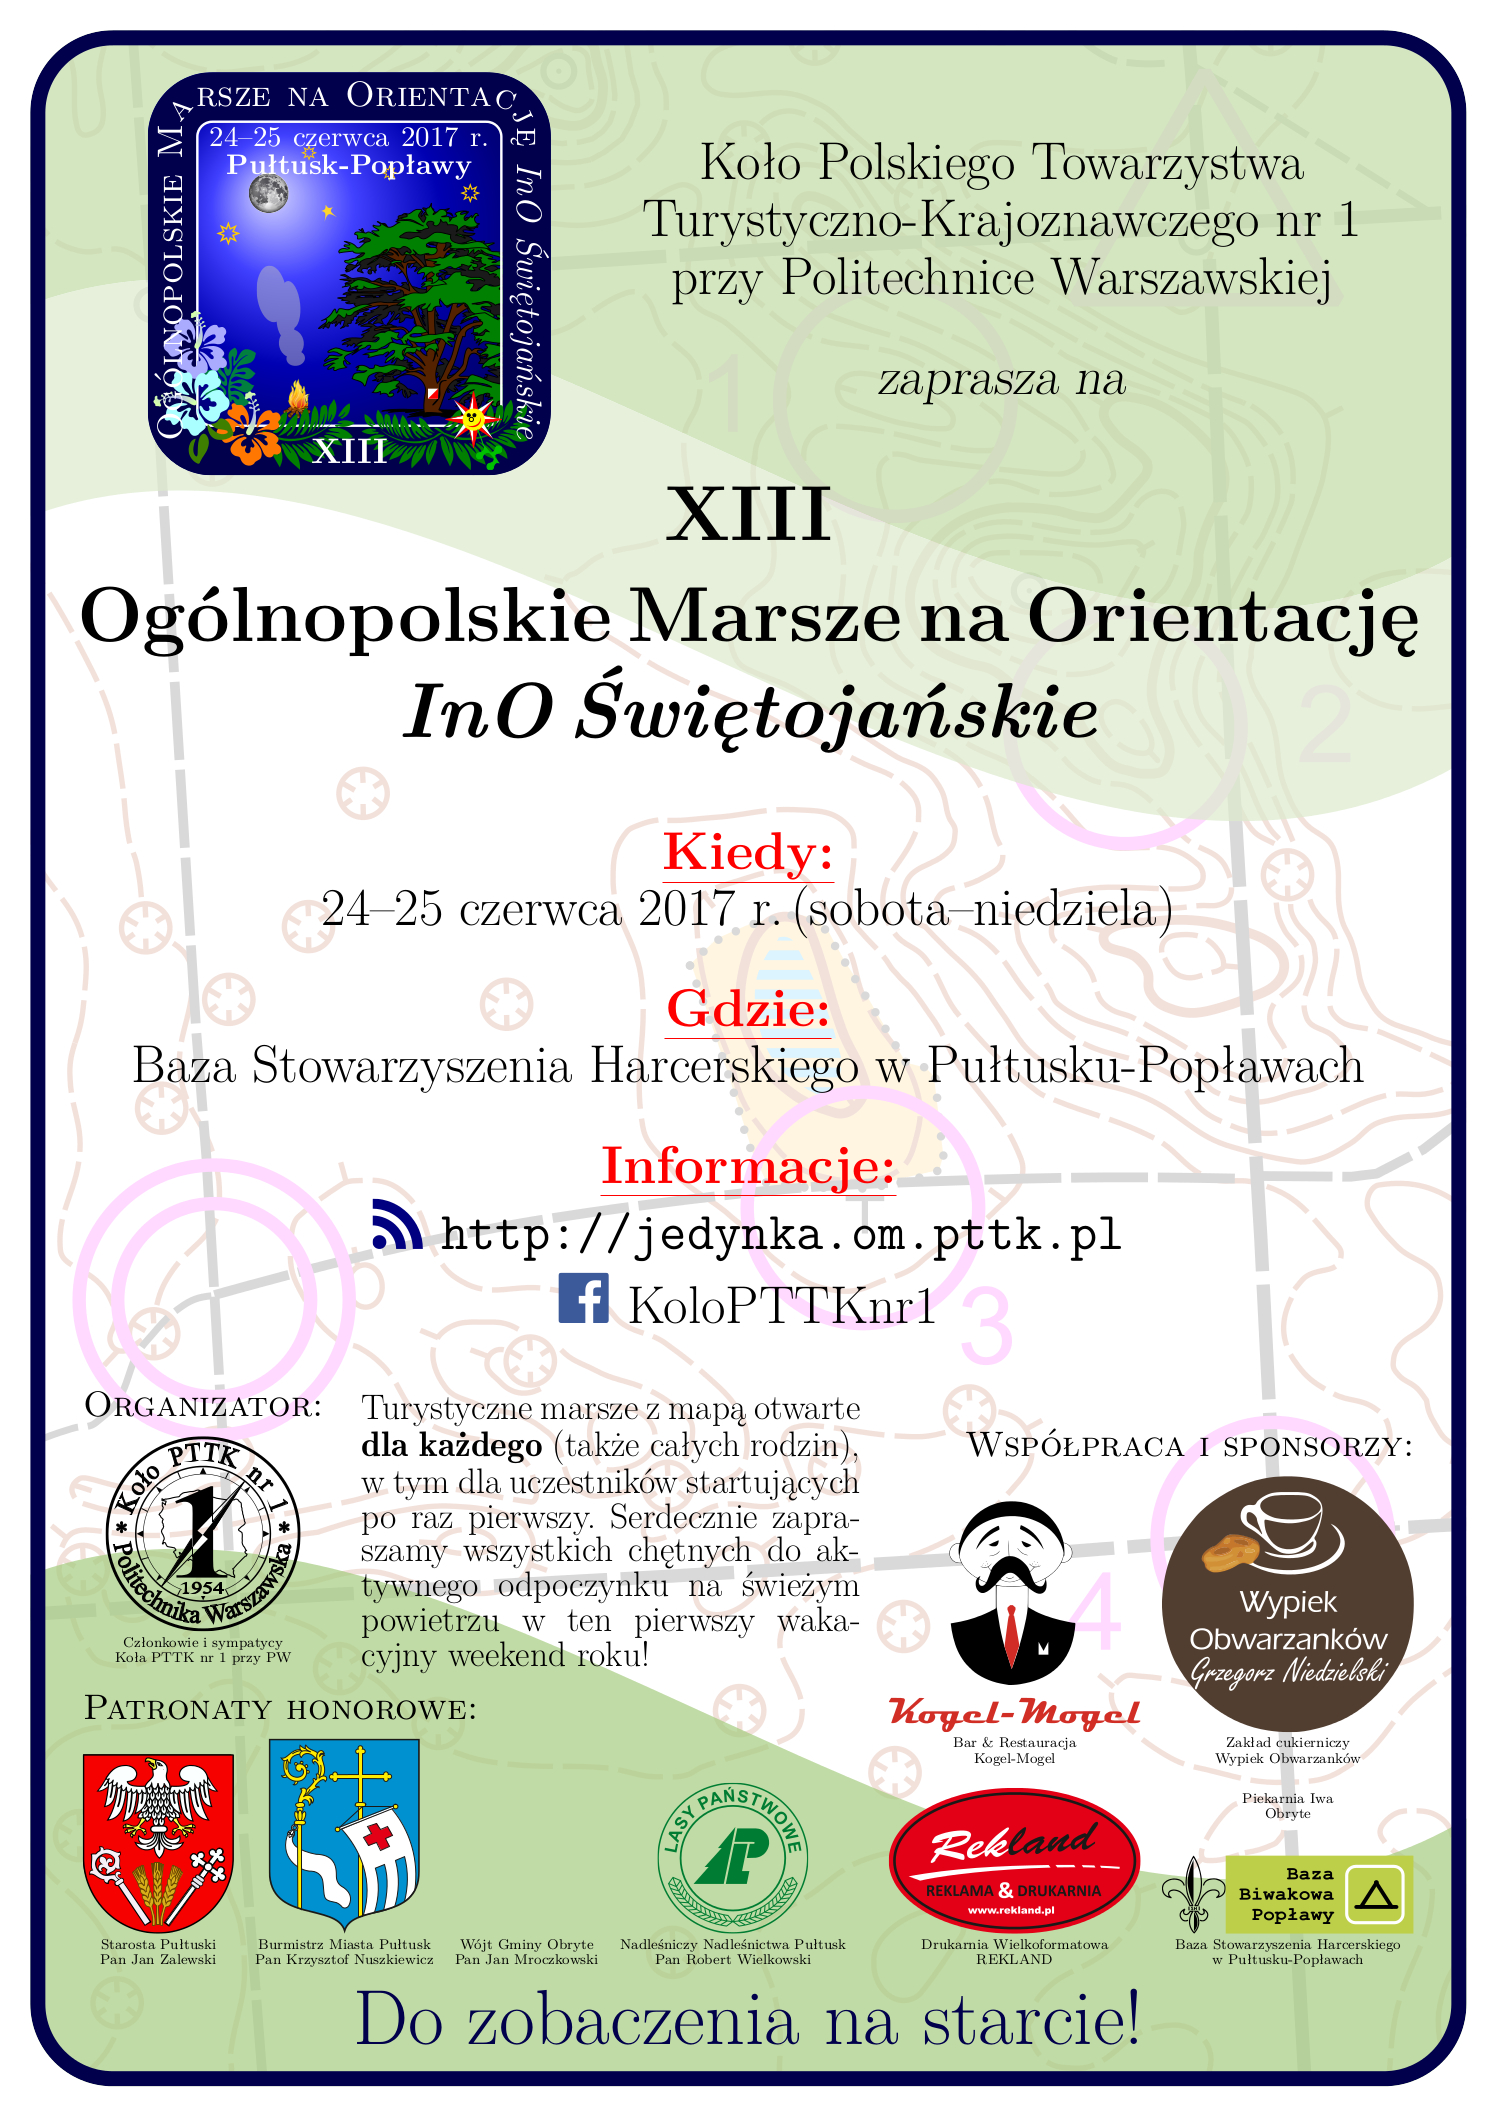 - xiii_omno_ino_swietojanskie_plakat_1500px.jpg